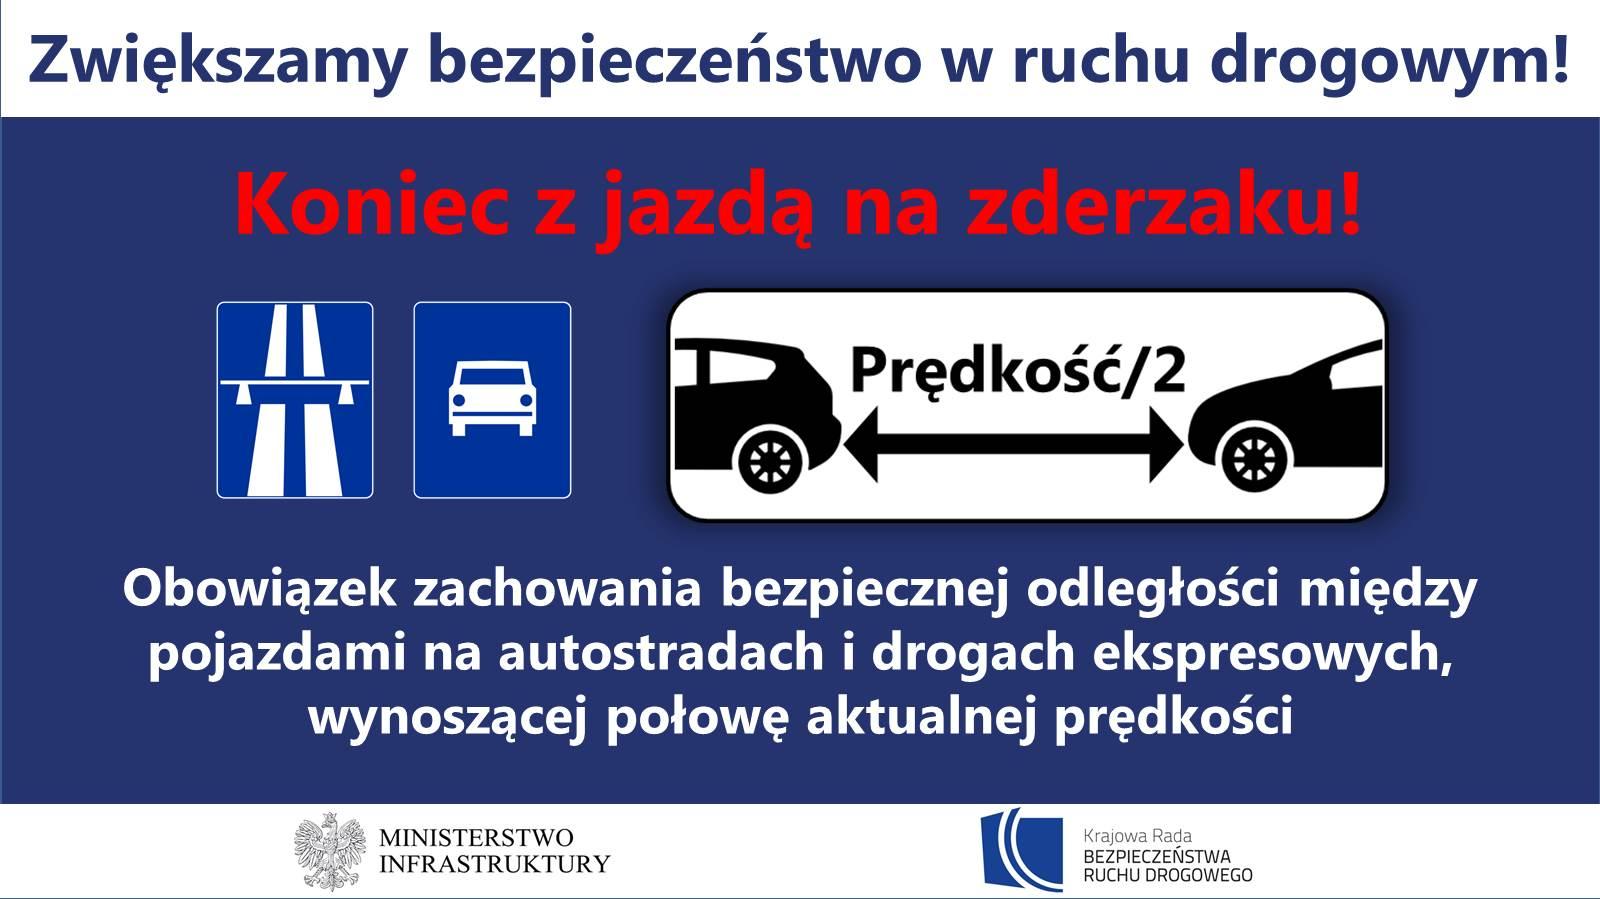 Zakaz jazdy na zderzaku